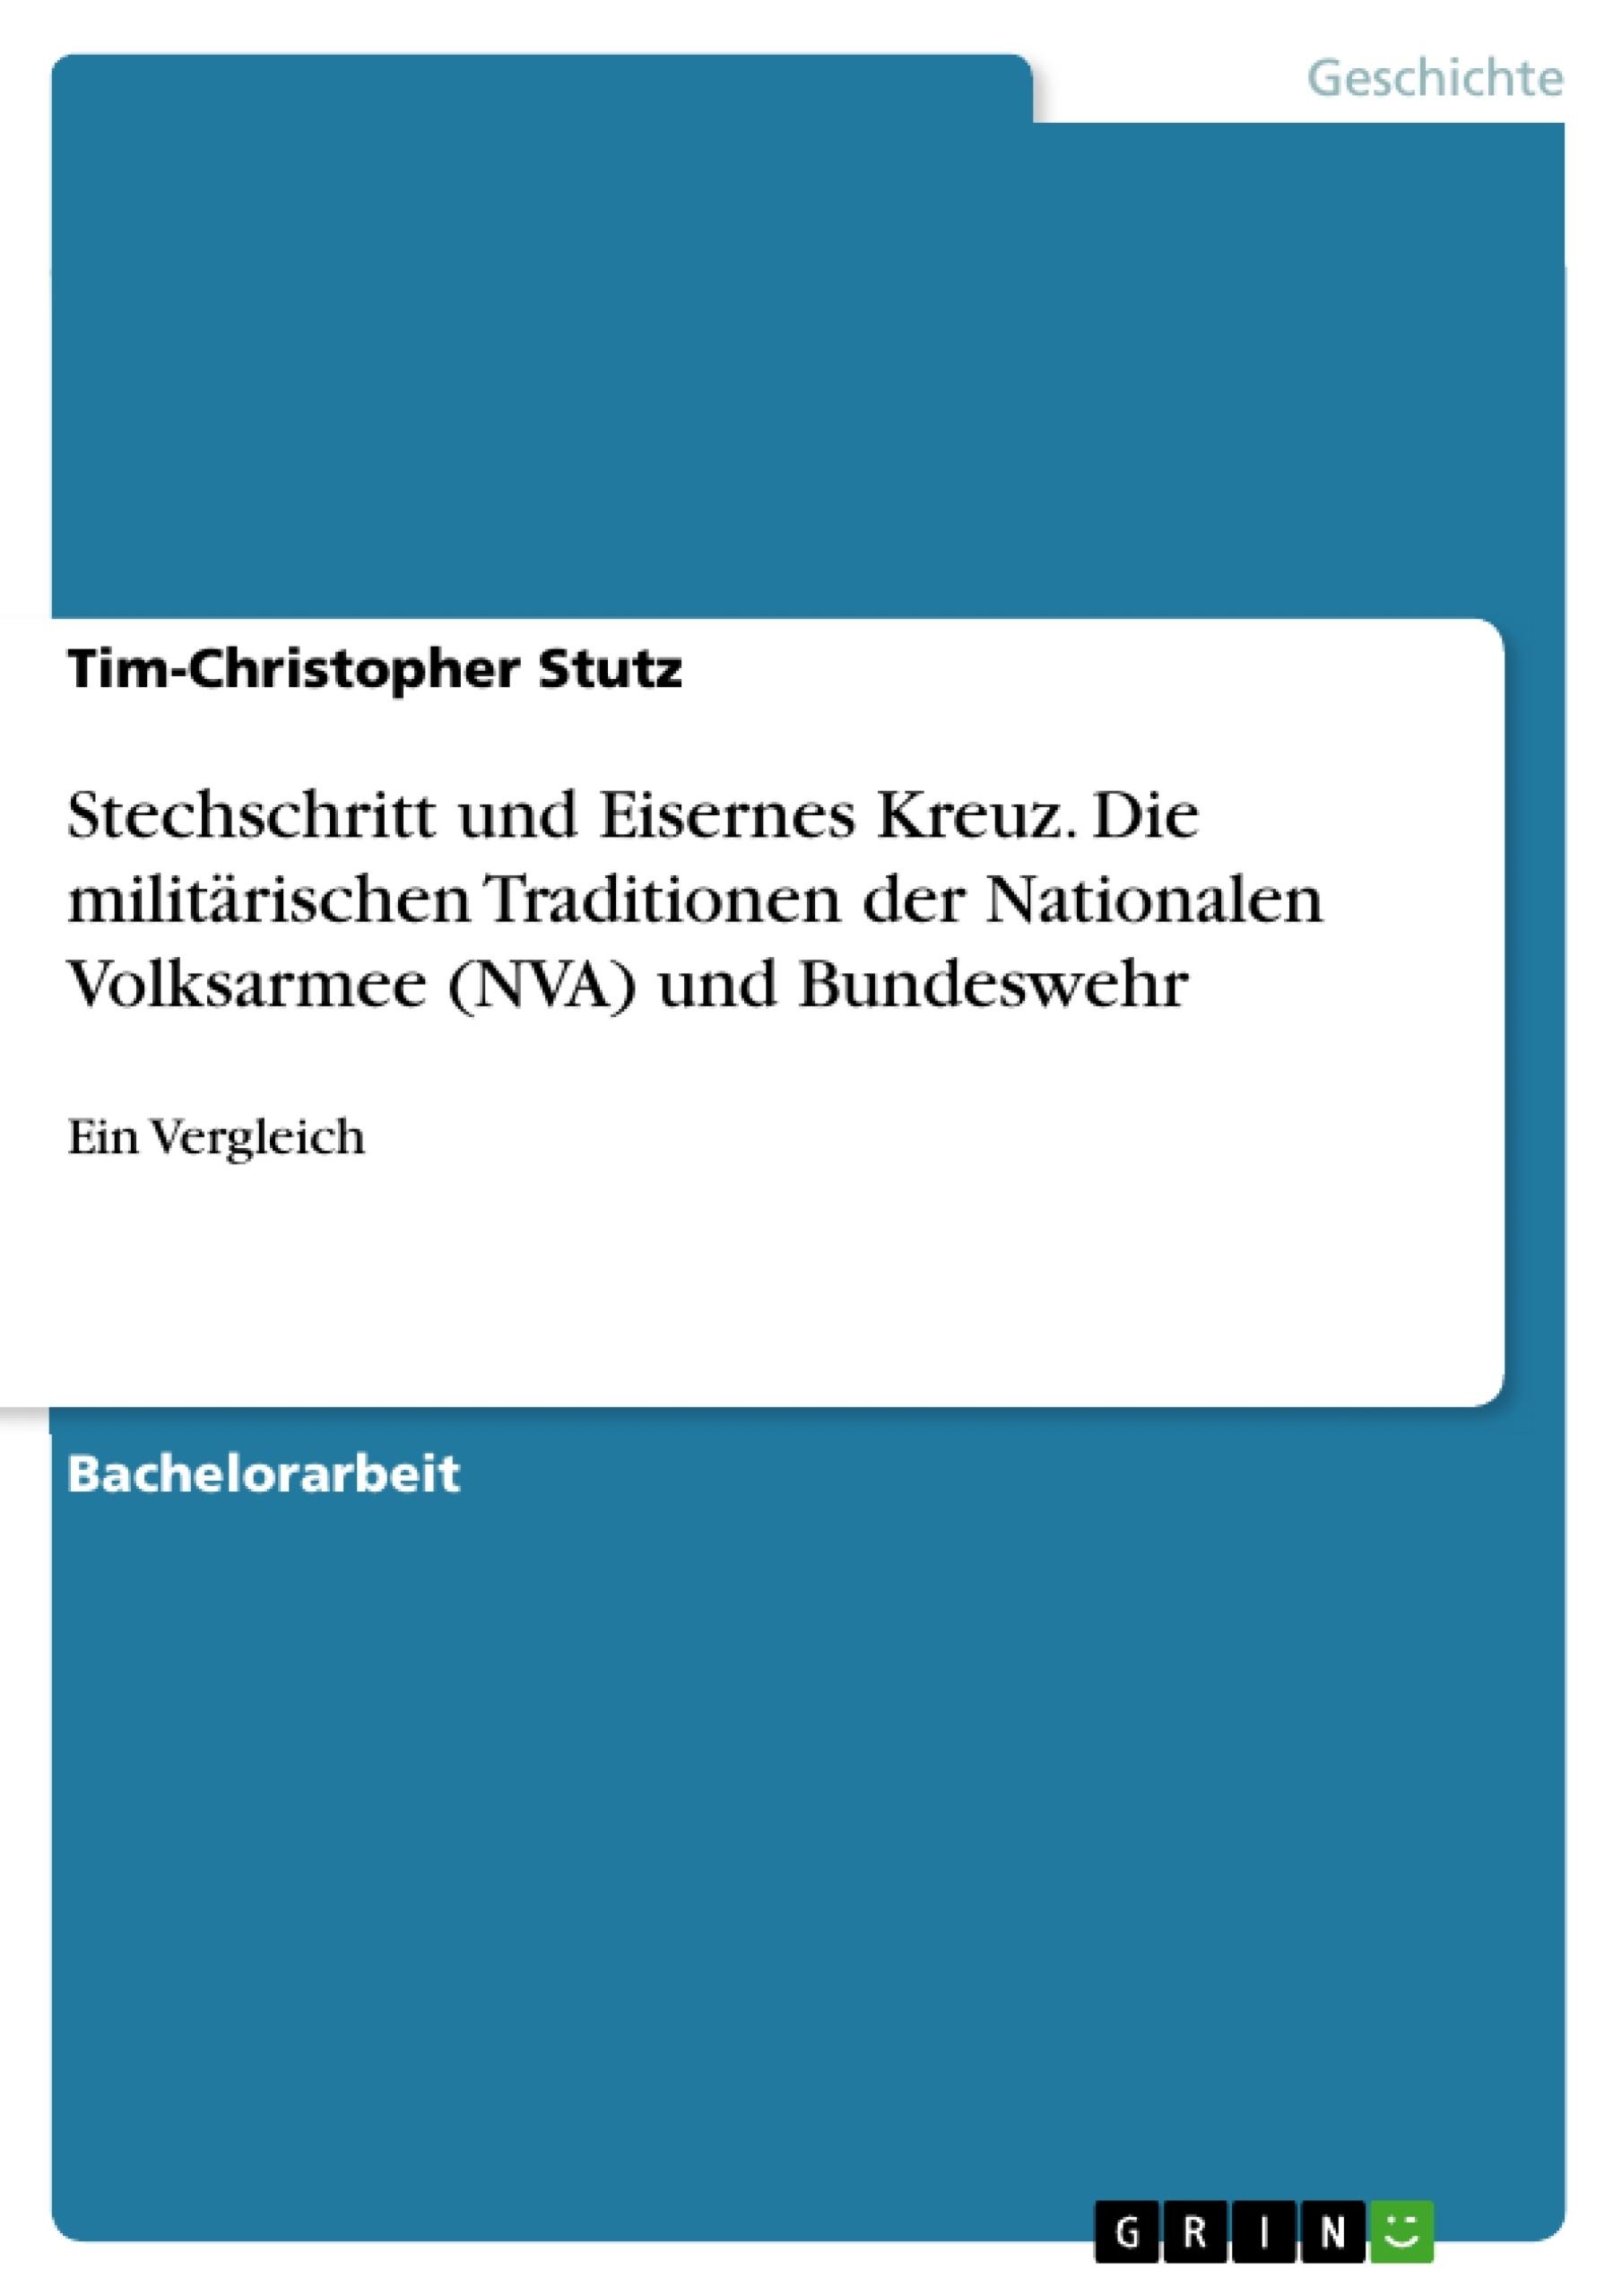 Titel: Stechschritt und Eisernes Kreuz. Die militärischen Traditionen der Nationalen Volksarmee (NVA) und Bundeswehr